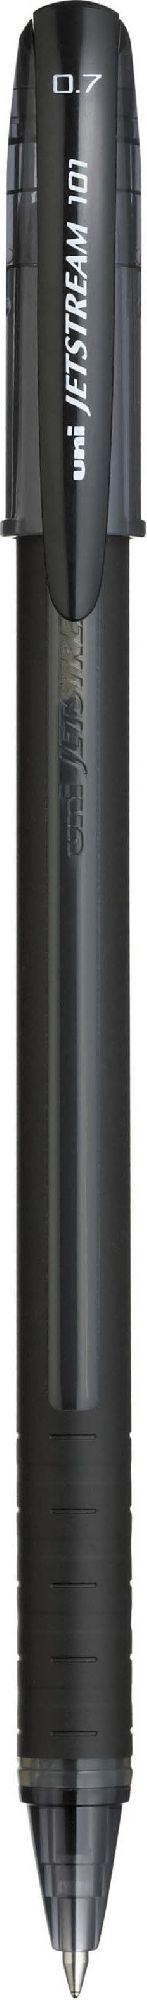 Uni Mitsubishi Pencil Długopis SX101 0.35MM Czarny 1